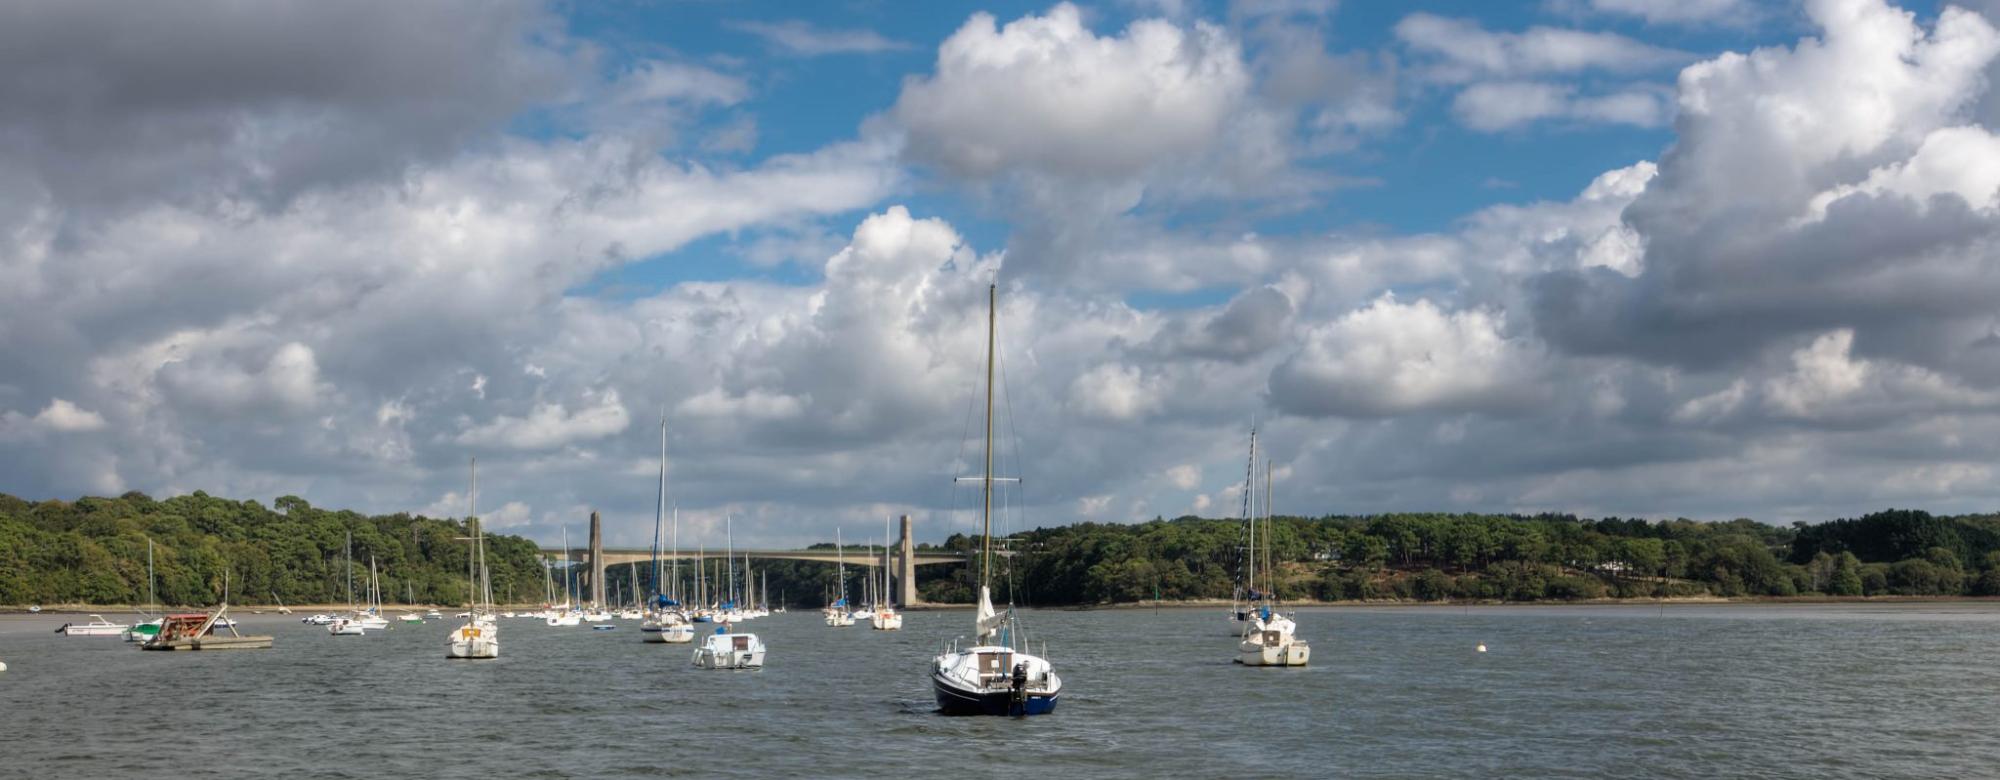 Le pont du bonhomme,le Blavet, Lanester